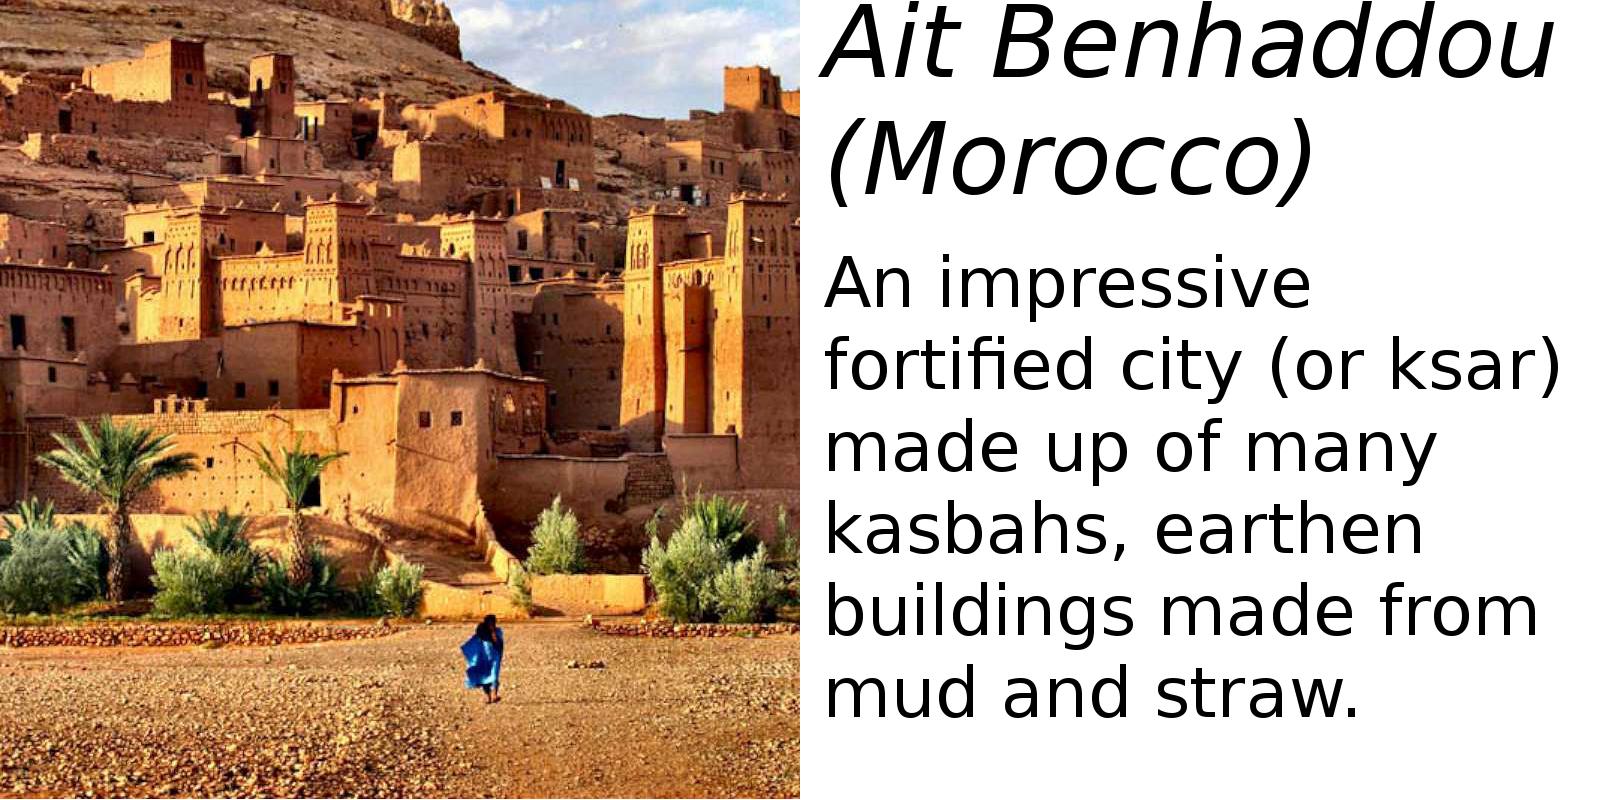 Ait Benhaddou, Morocco (description) #2